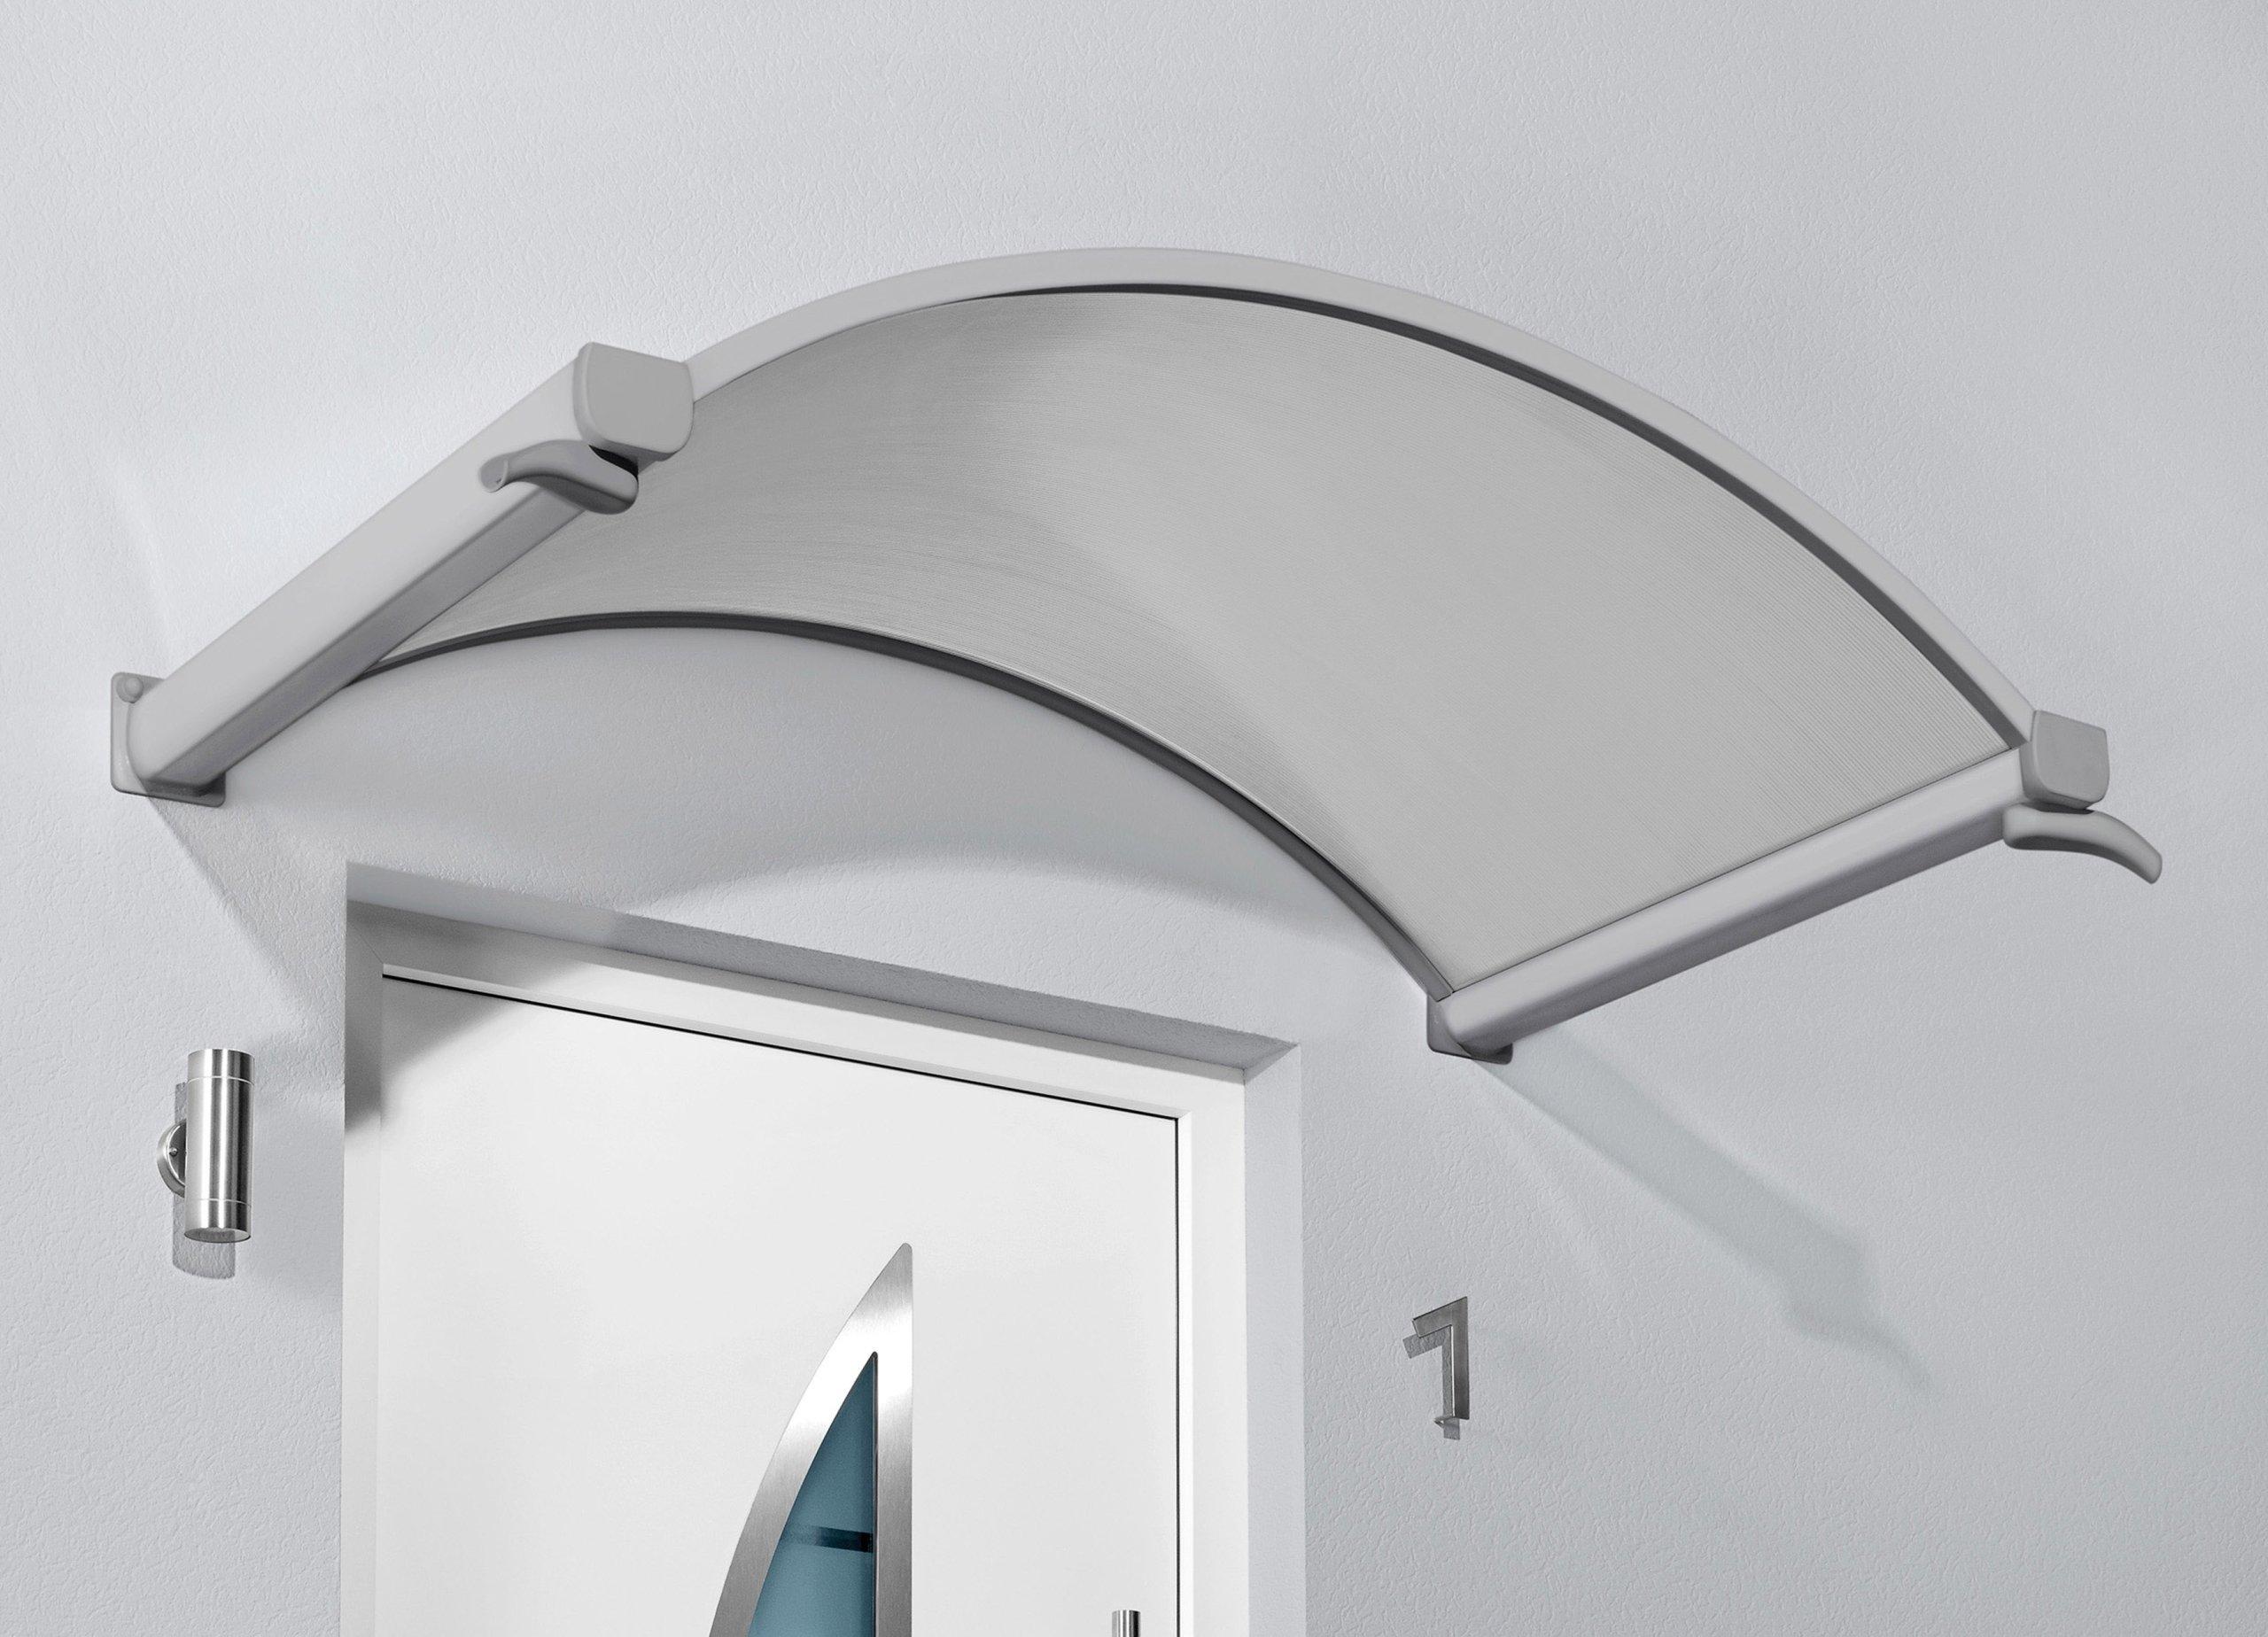 Strieška dverí 160 x 90, klenutá strecha 24h